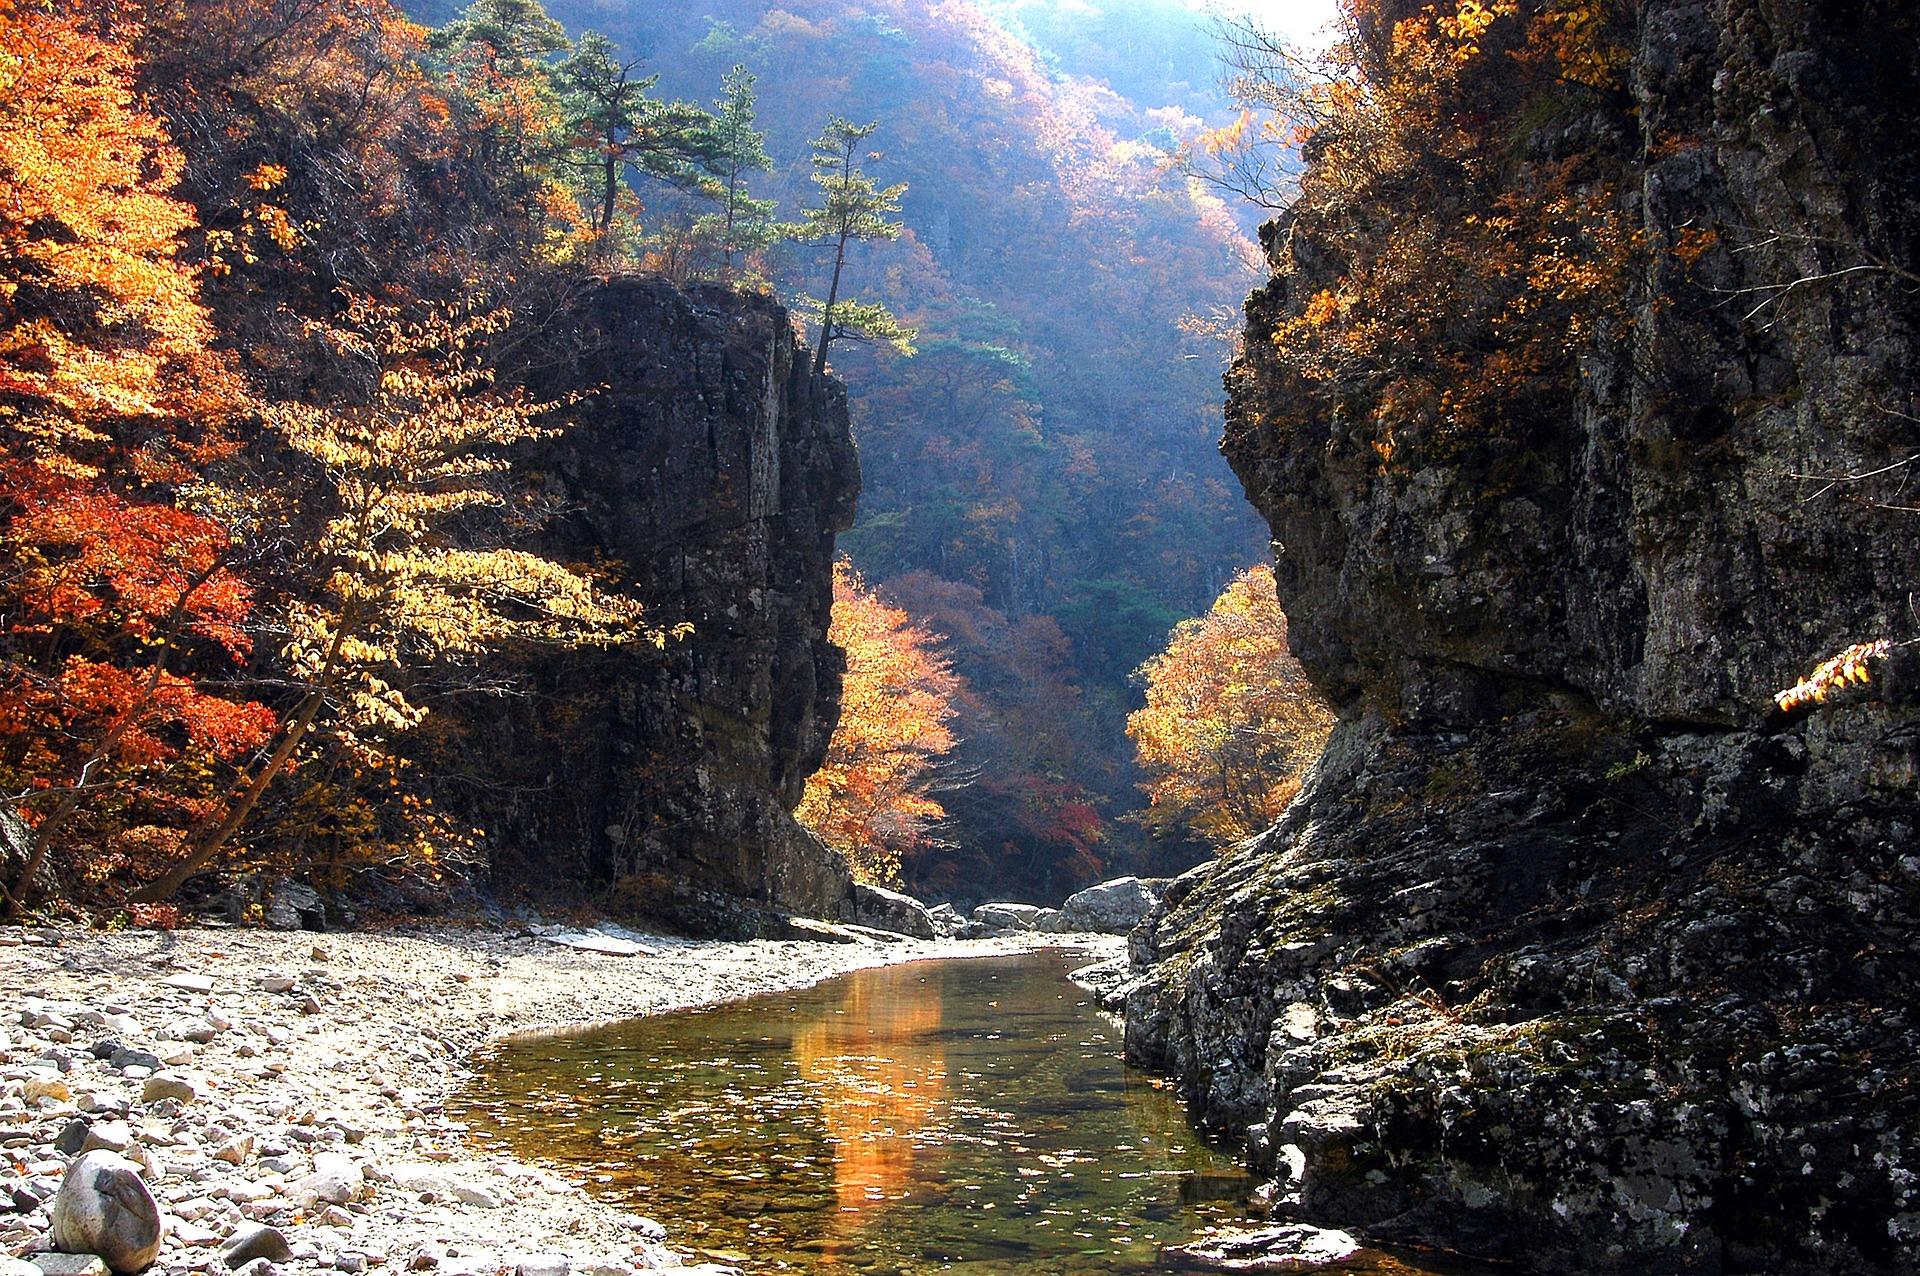 nature-527834_1920.jpg